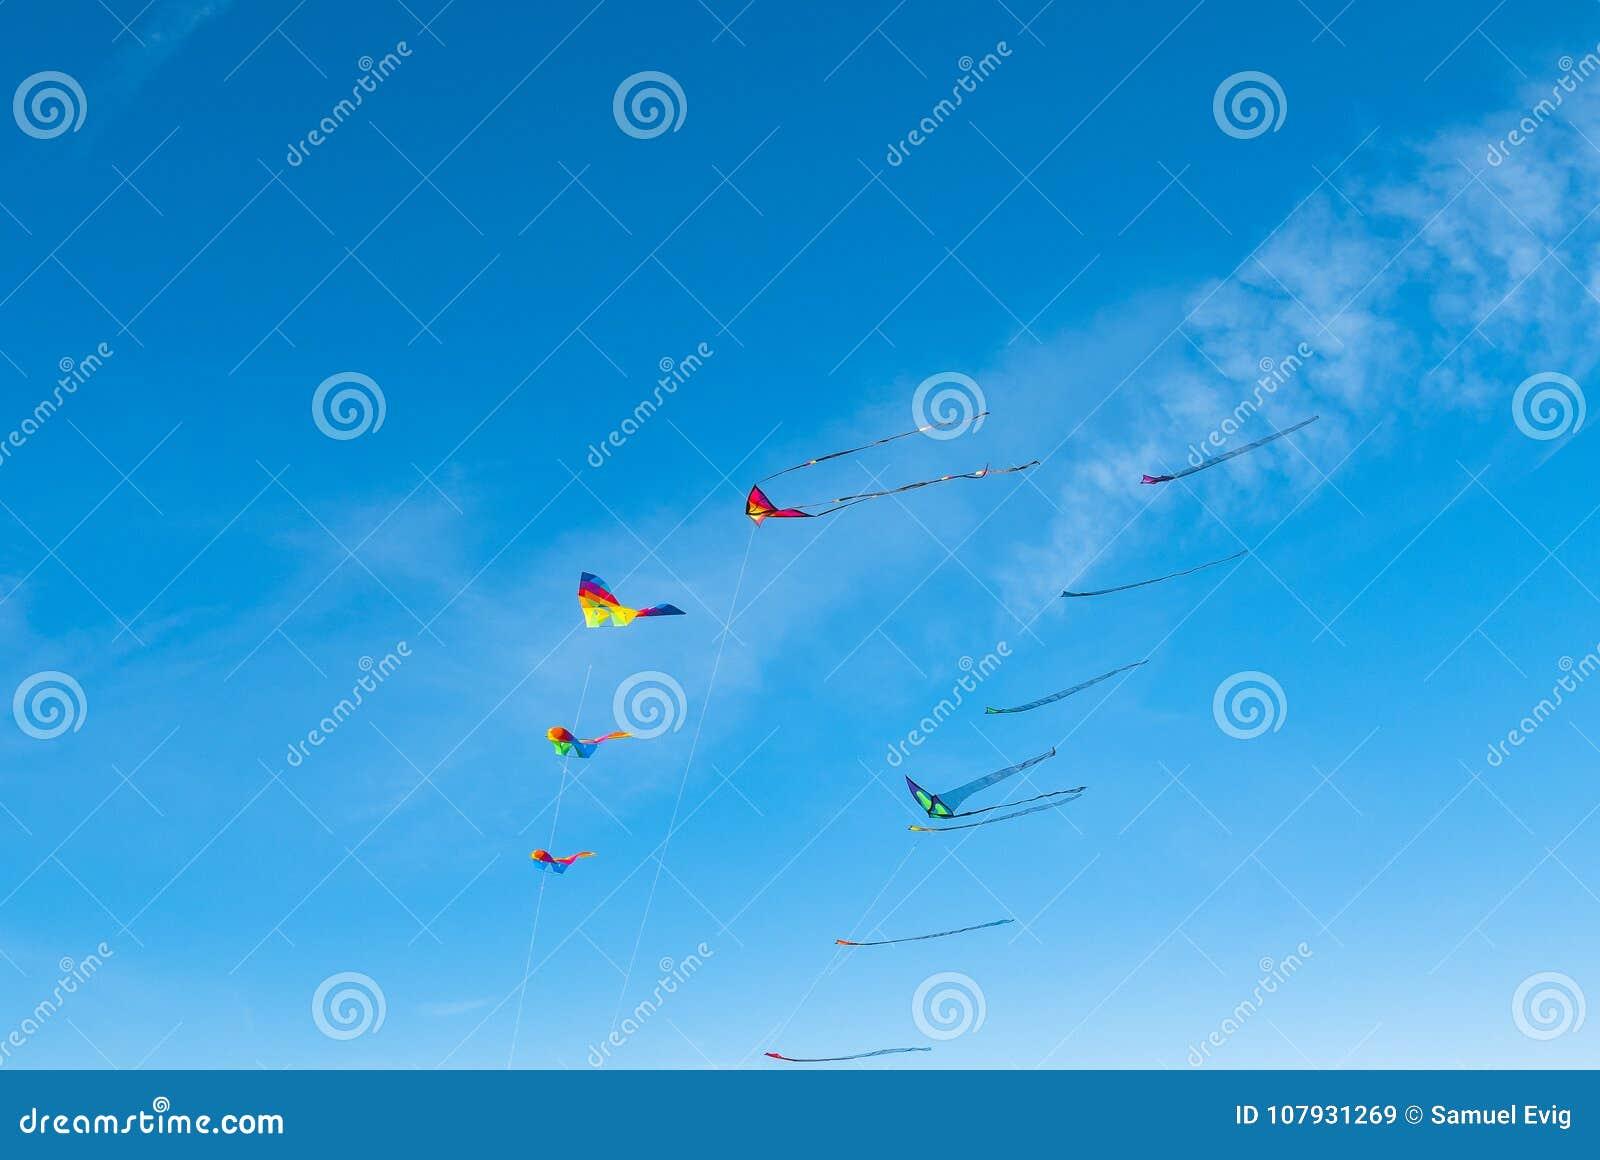 Een vloot van vliegers